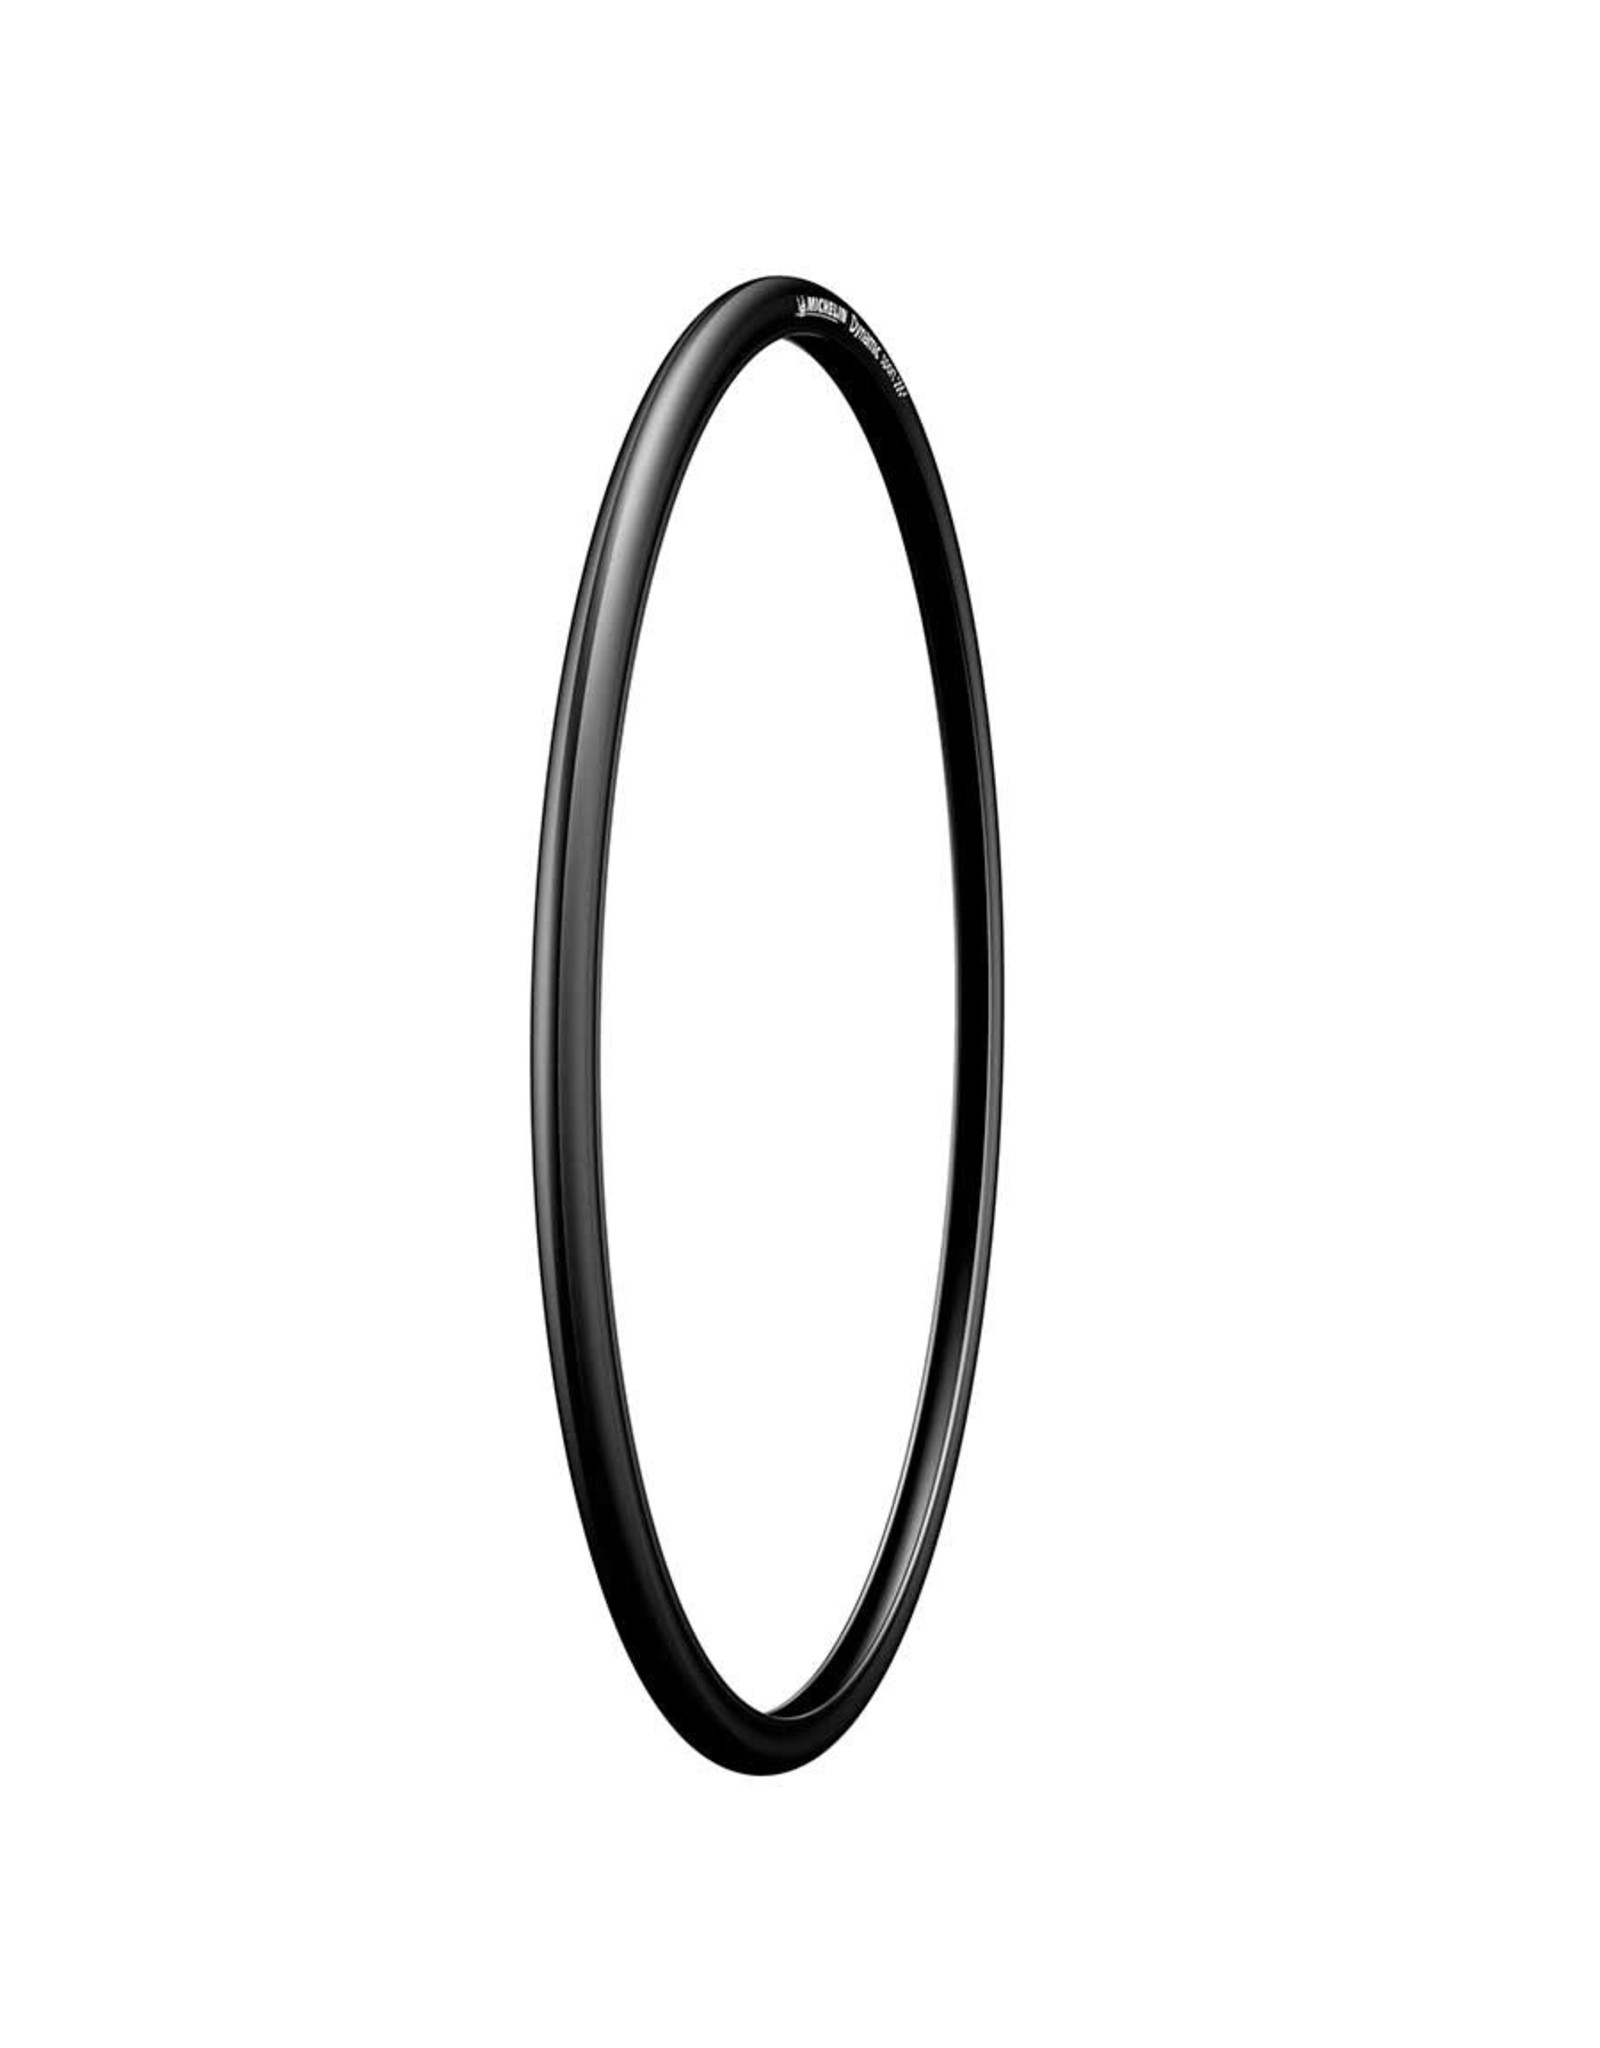 Michelin, Dynamic Sport, Tire, 700x23C, Wire, Clincher, Single, 30TPI, Black